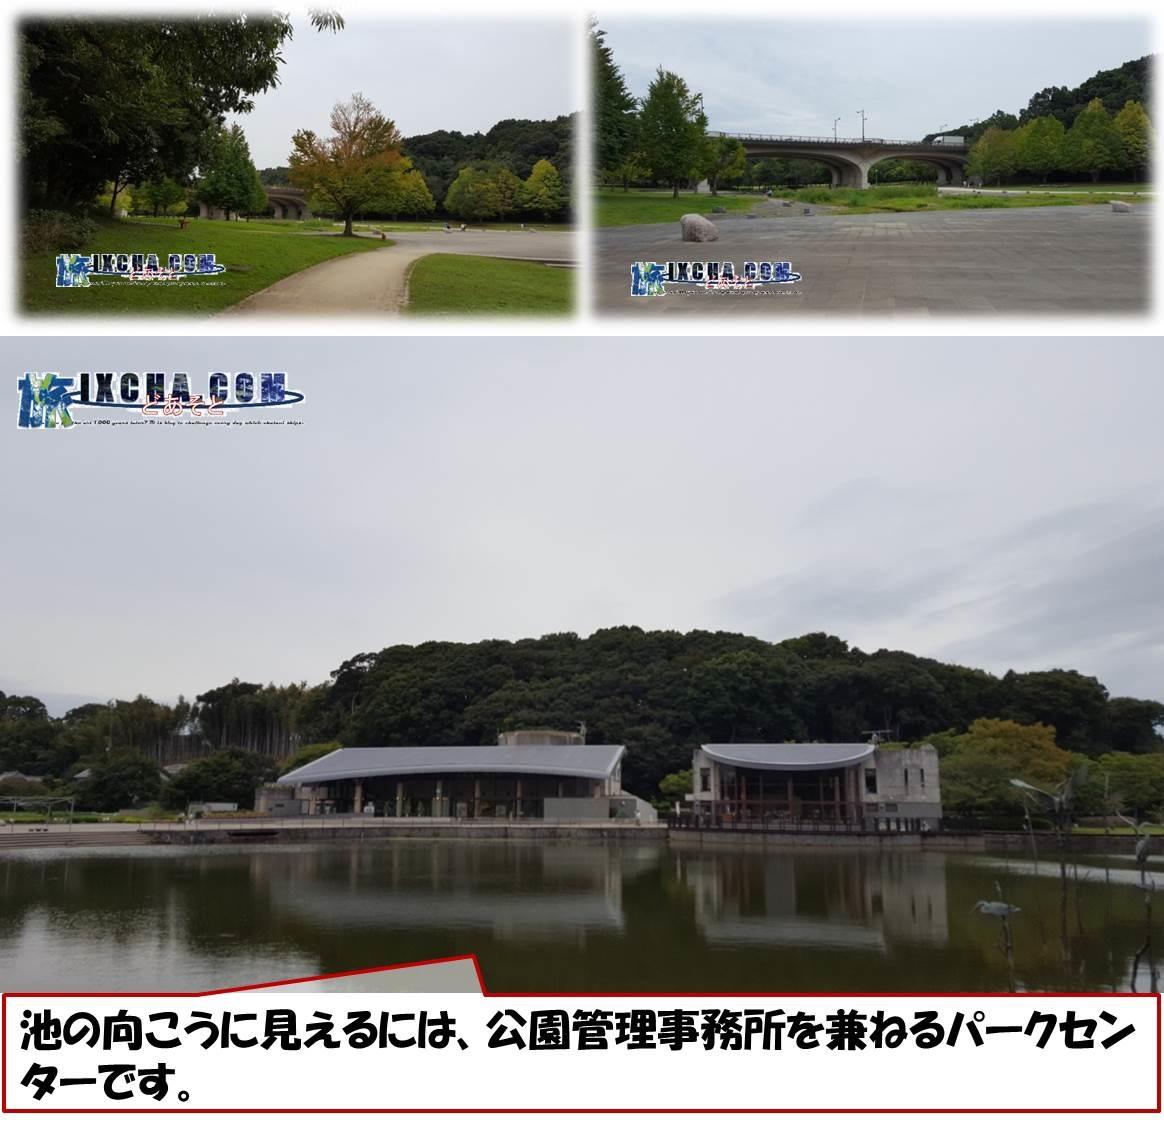 池の向こうに見えるには、公園管理事務所を兼ねるパークセンターです。